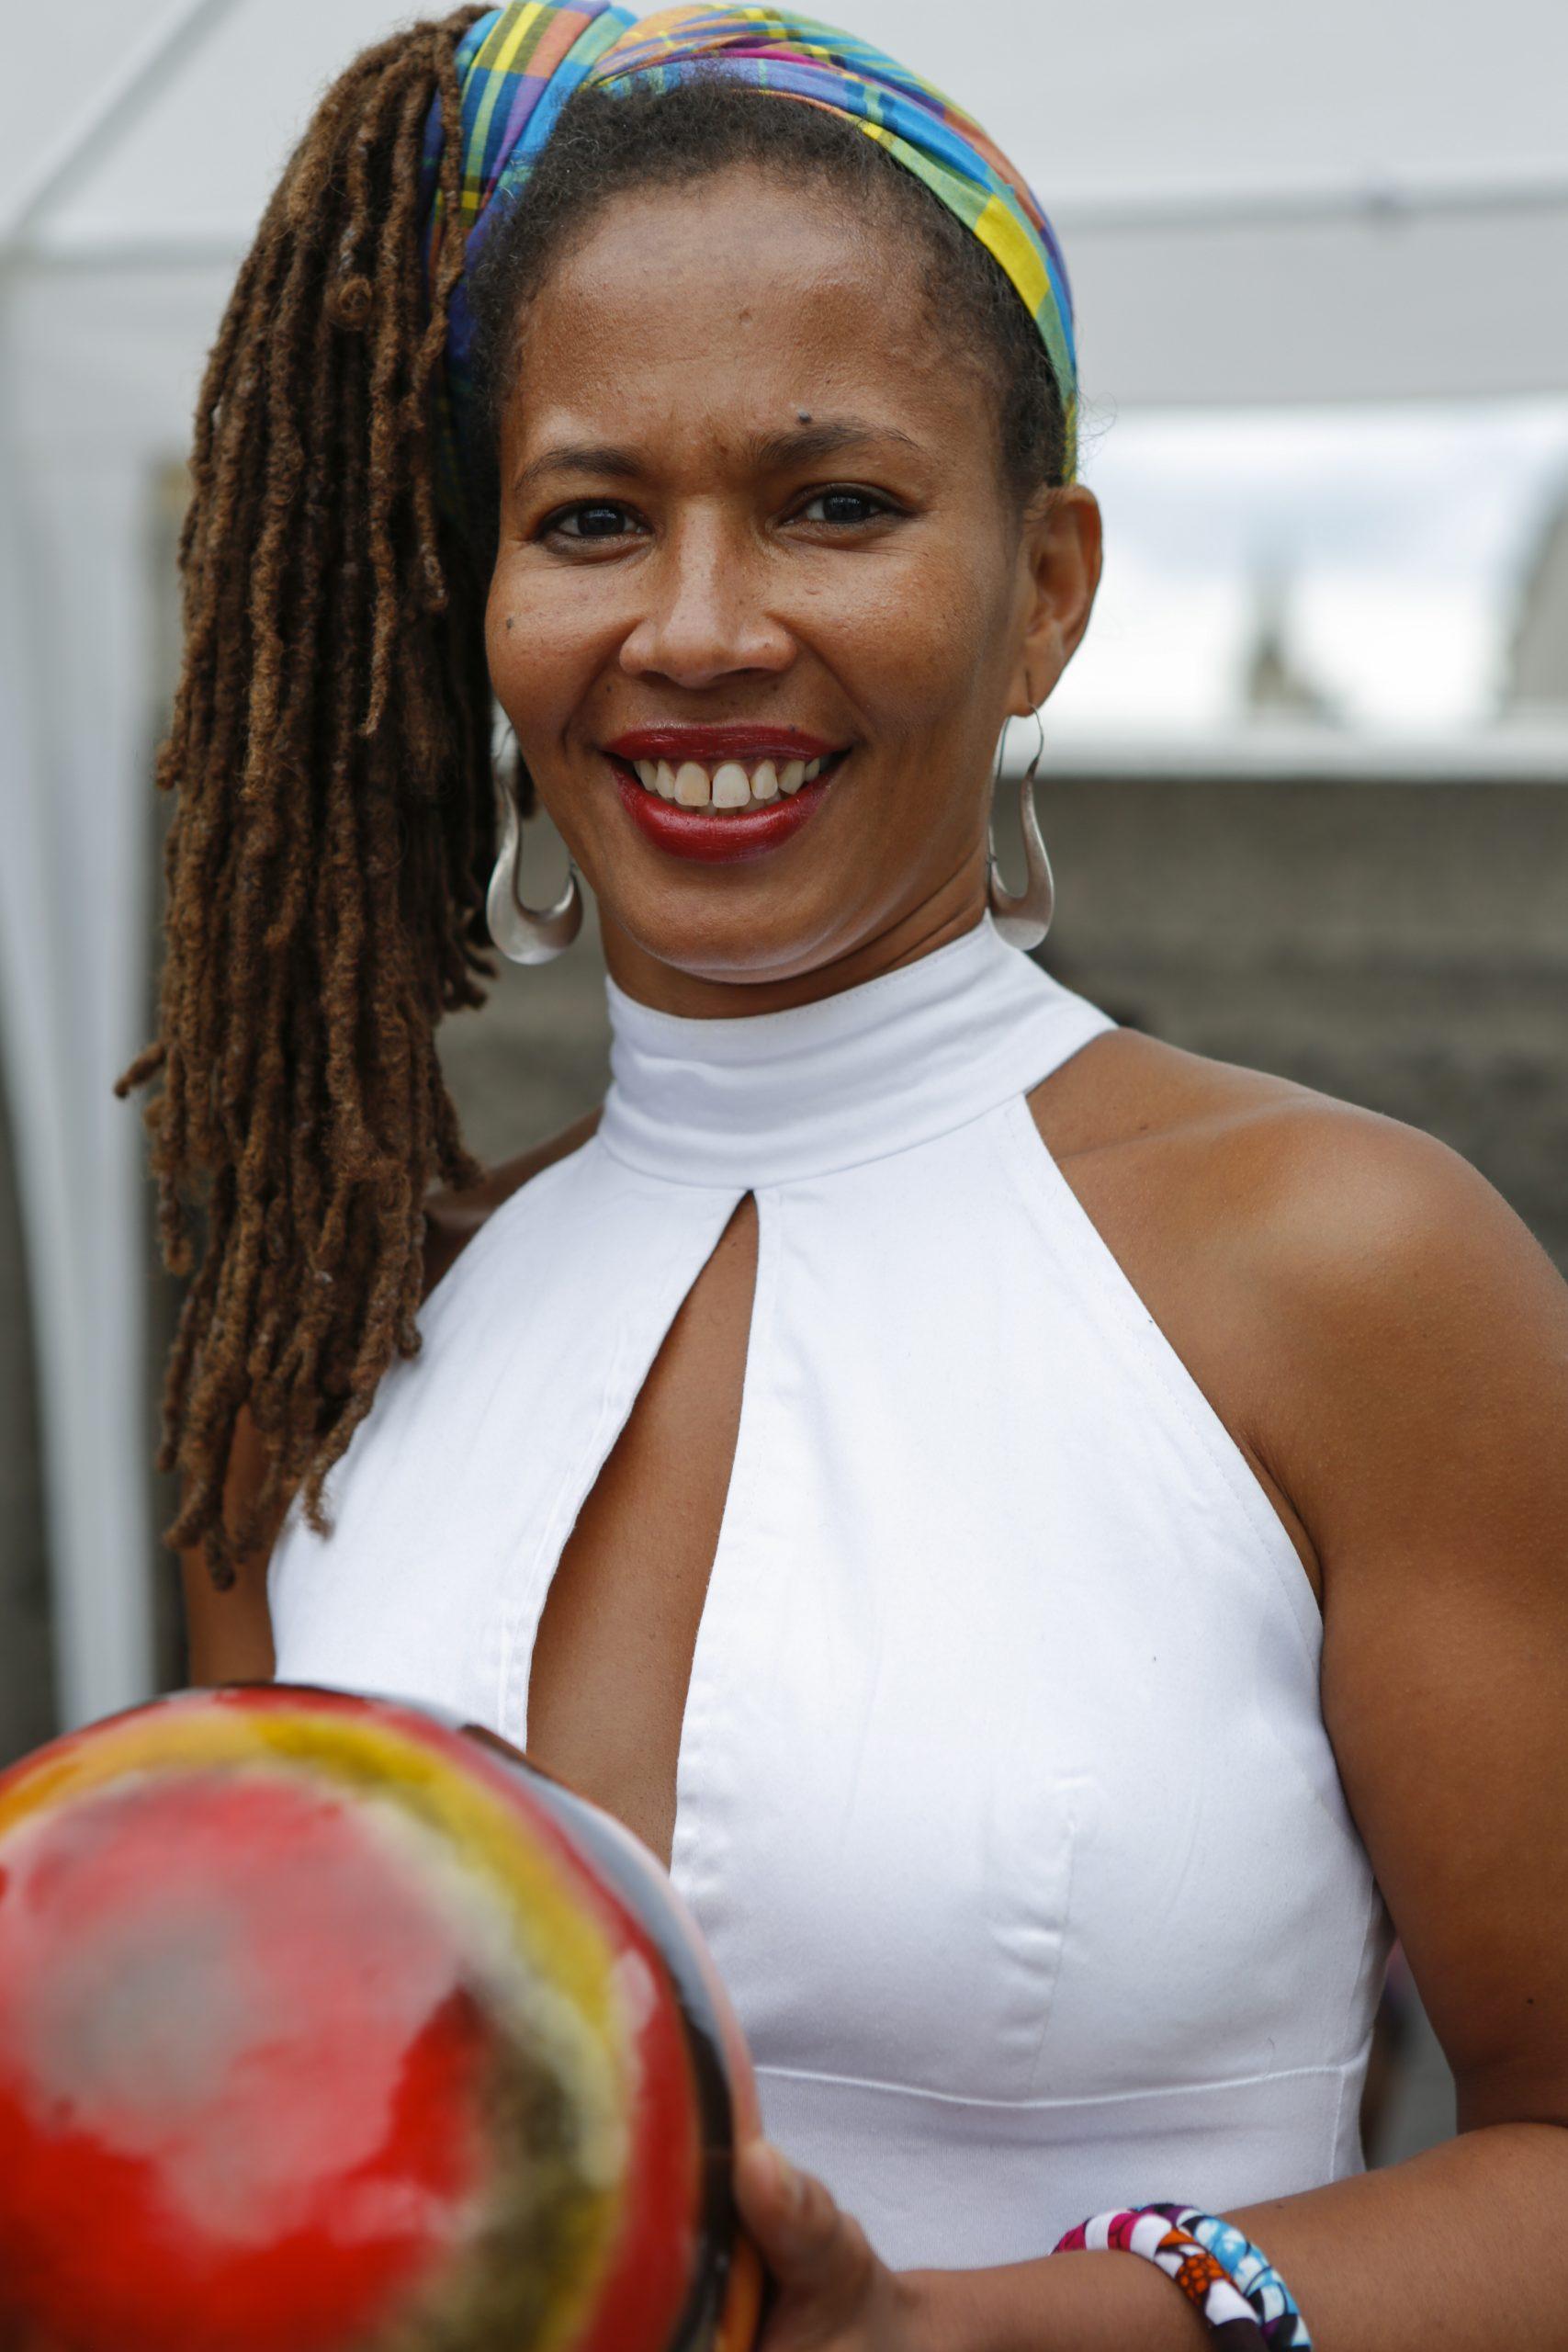 Ziloka - Image by Paul Bankole Iwala